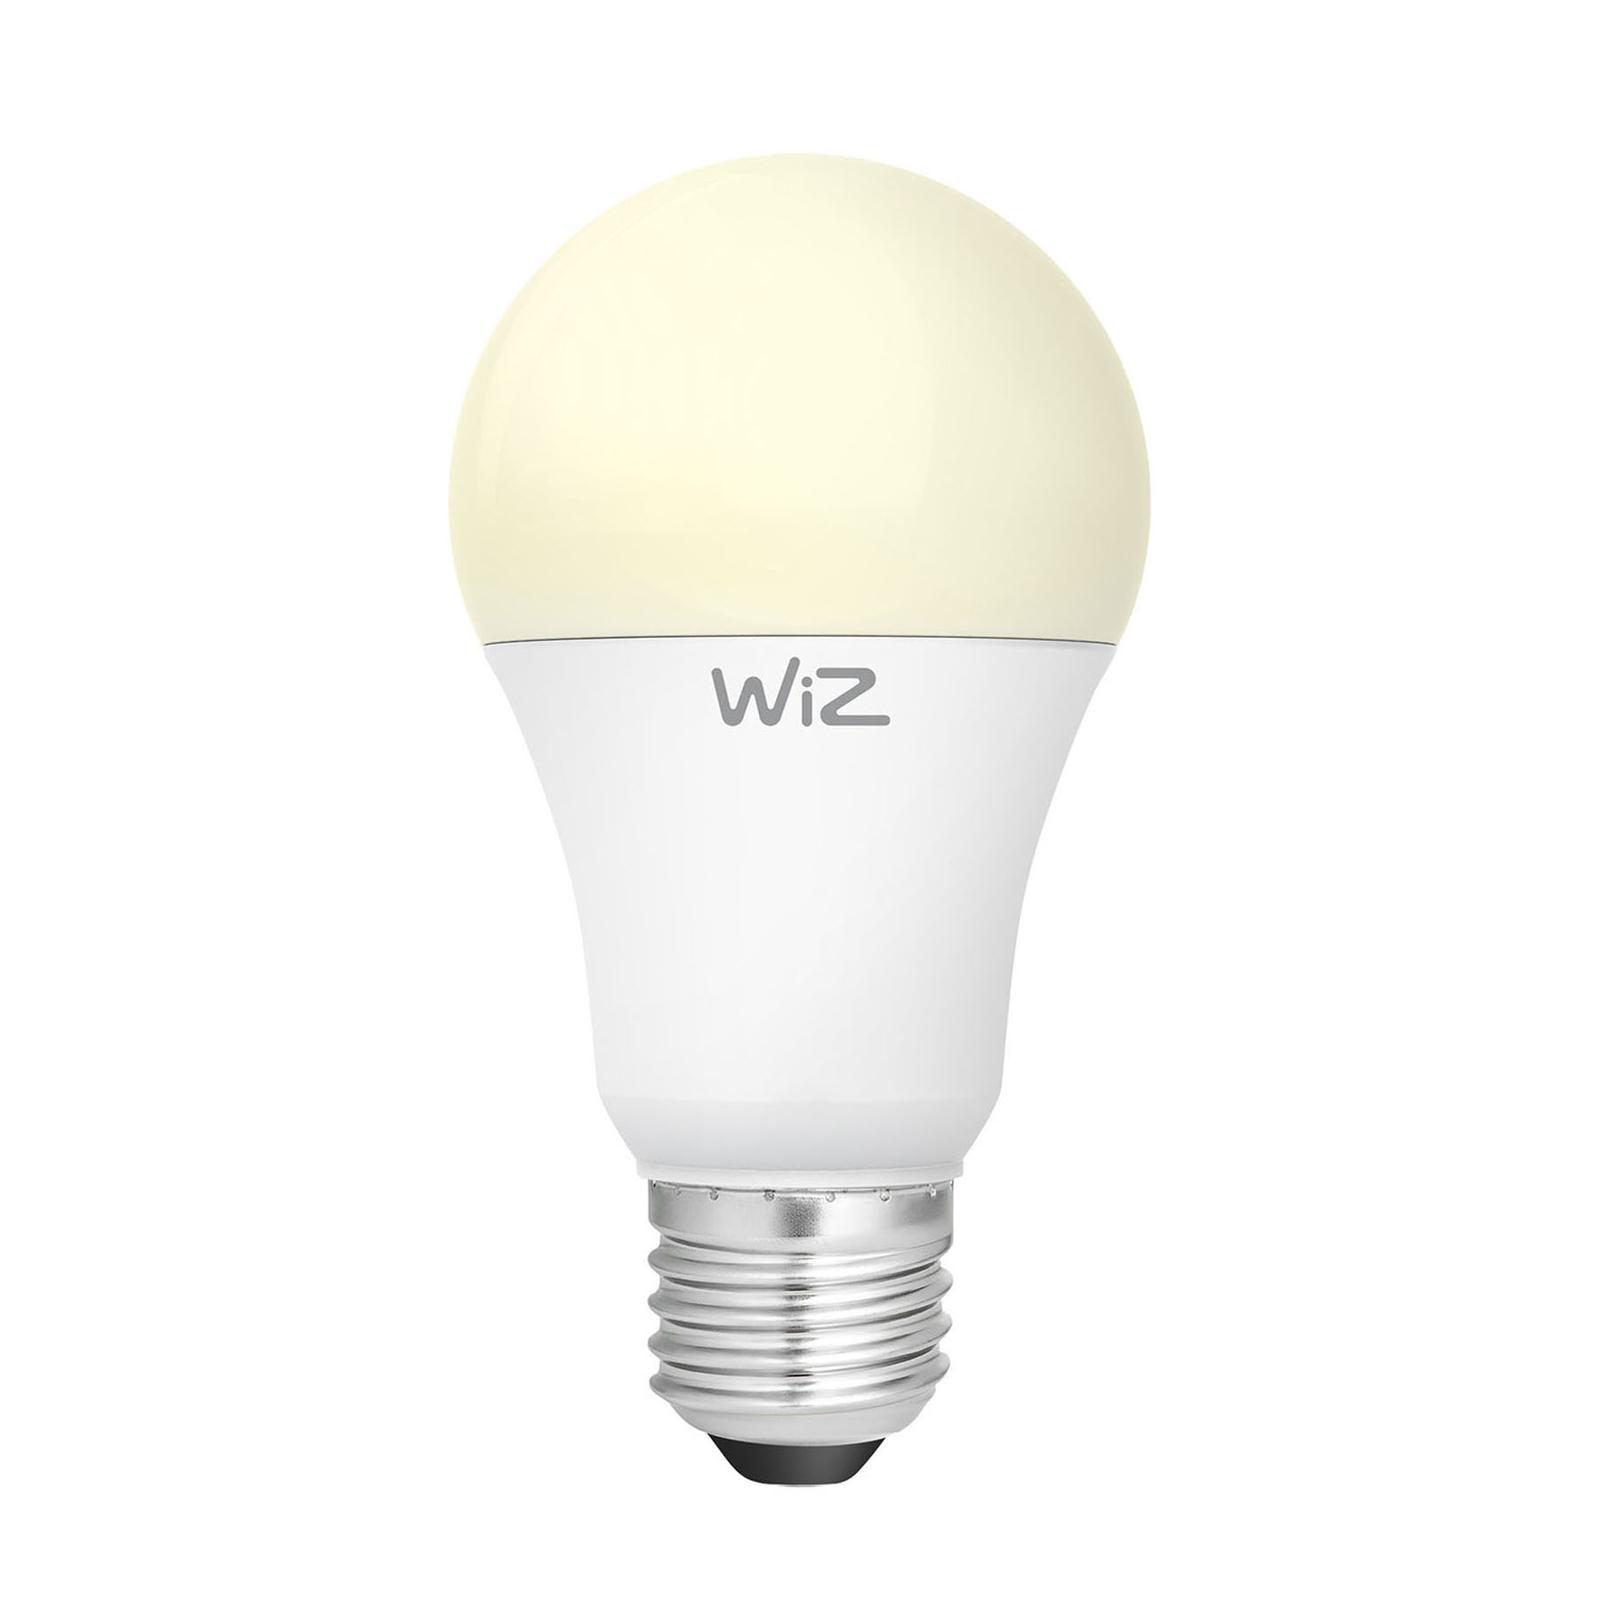 WiZ E27 żarówka LED A60 matowa 9W 2700K